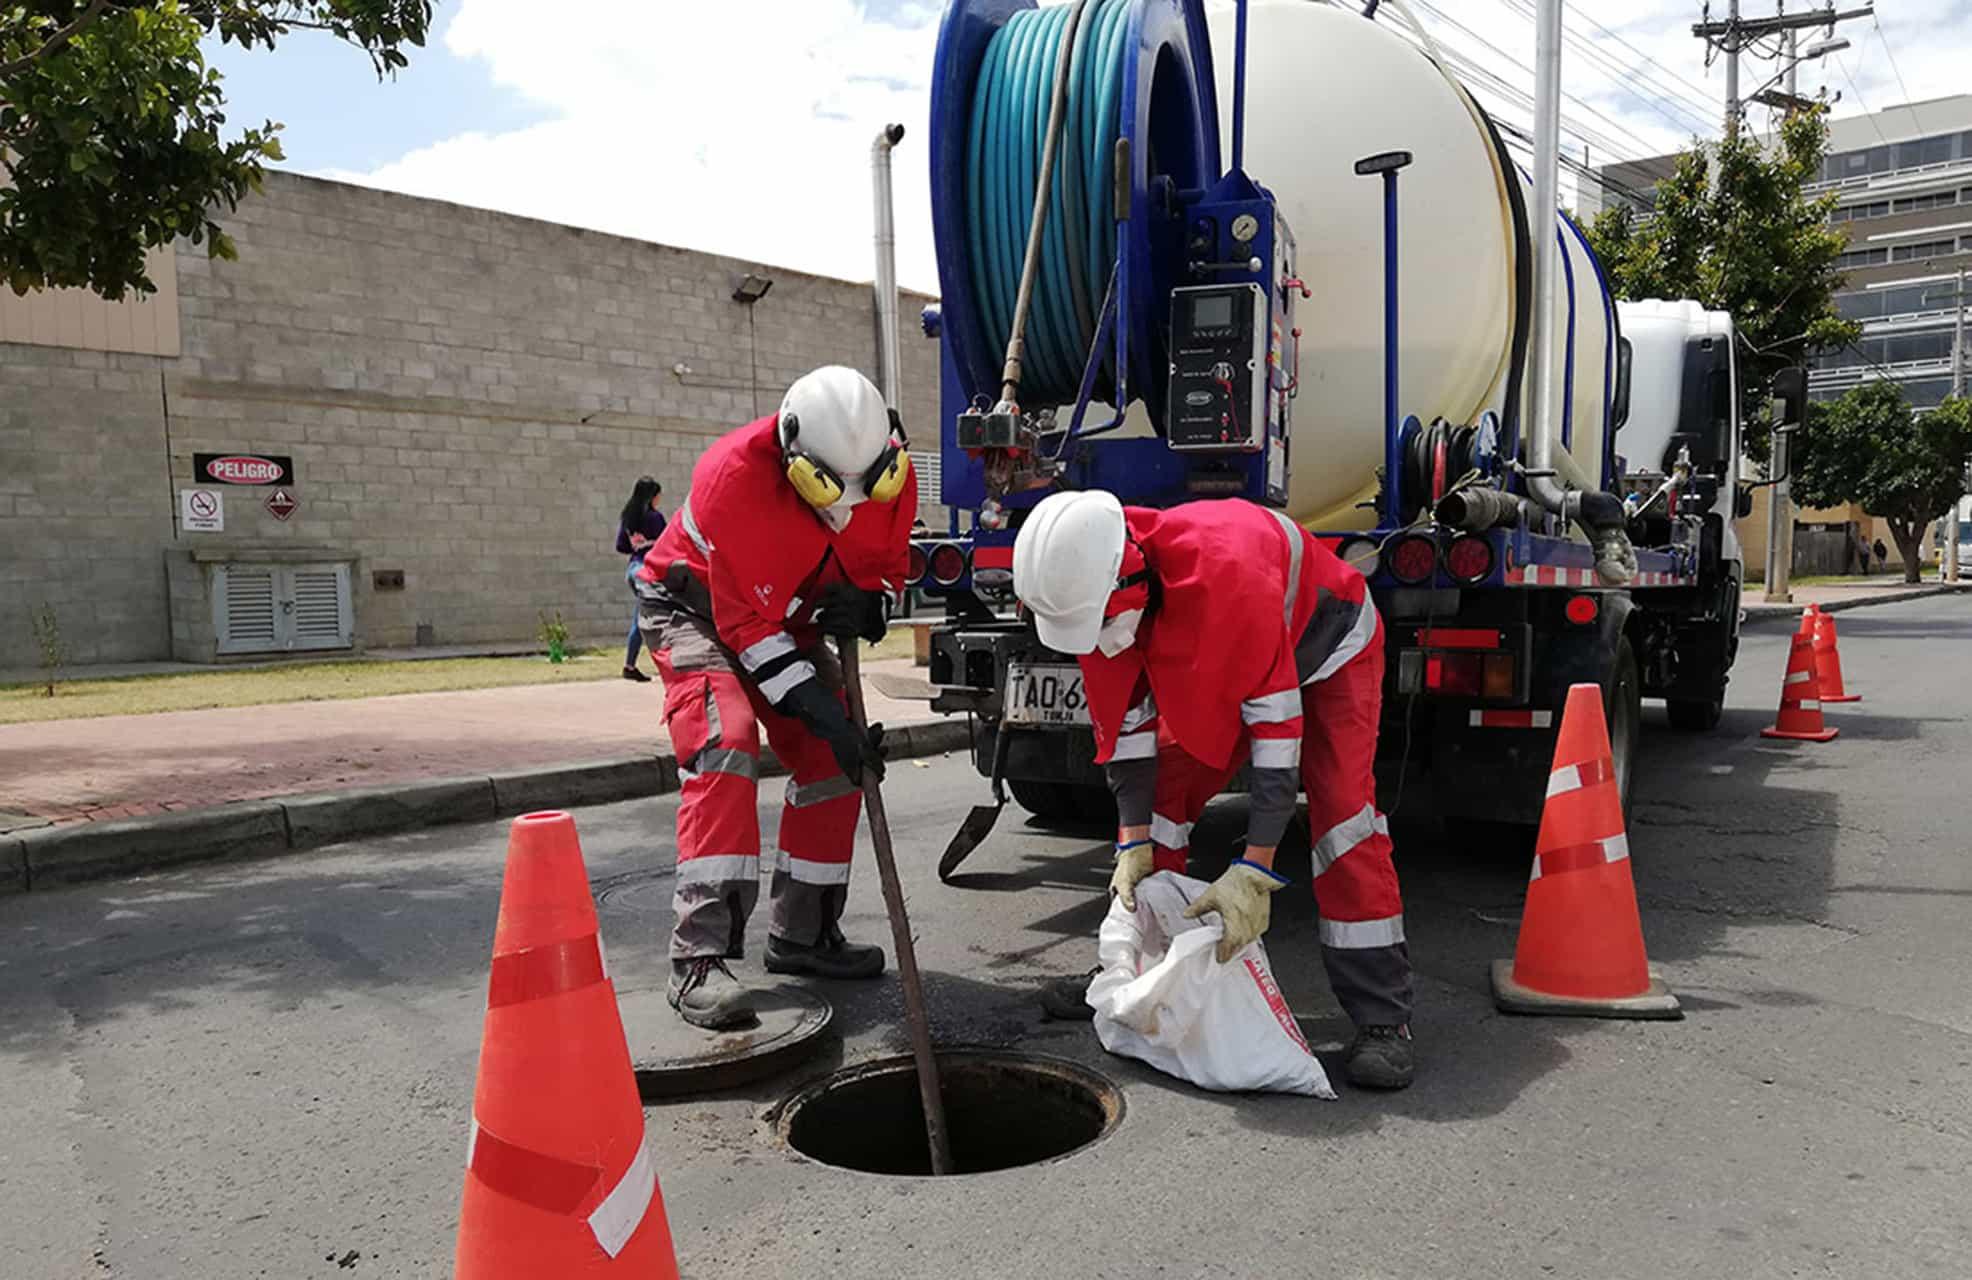 En obras de acueducto y alcantarillado se invertirán 2.878 millones de pesos en Tunja #Especiales7días #DíaDelAgua 1